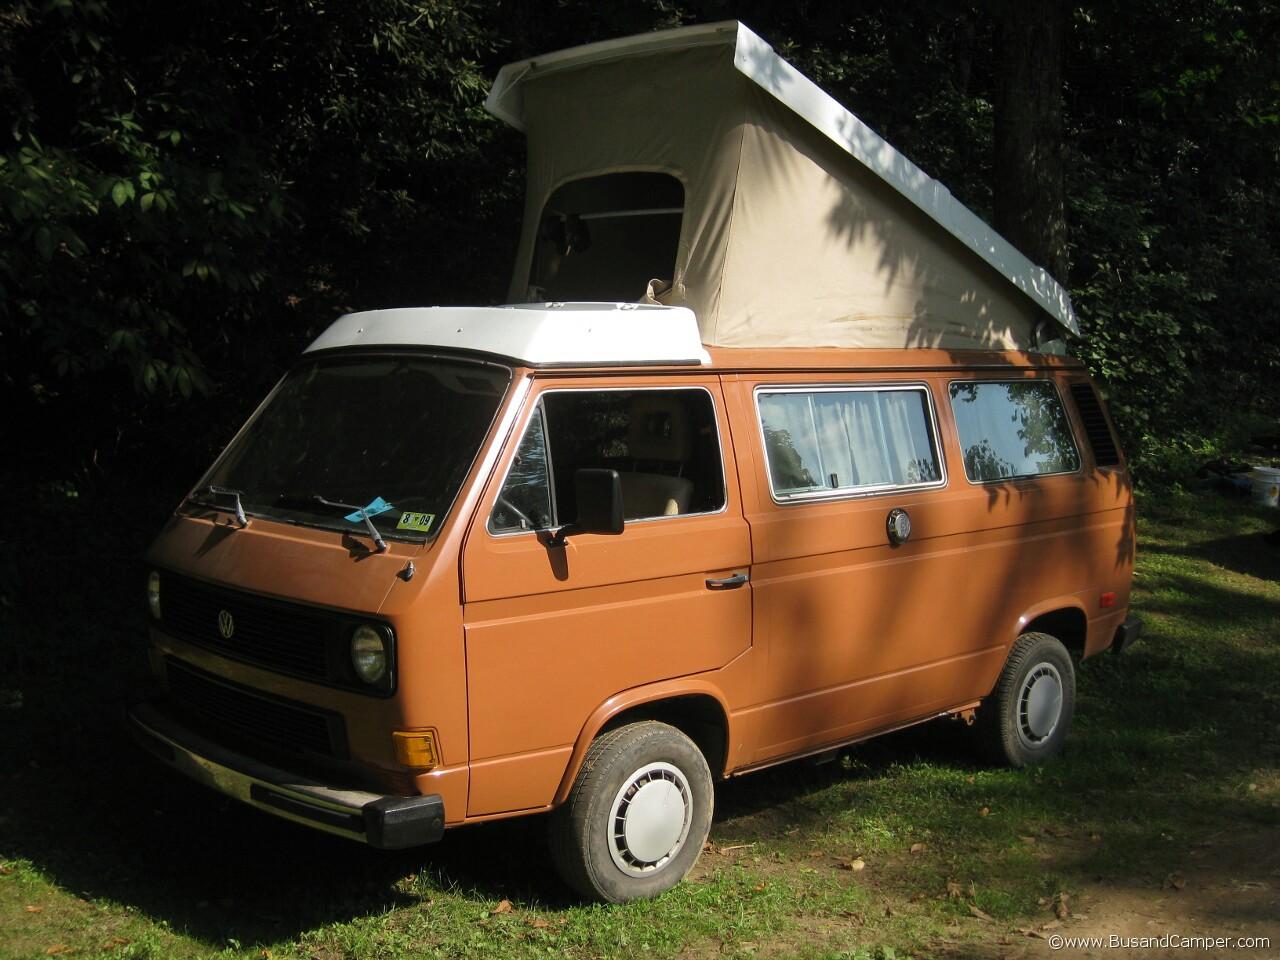 Burnt orange VW campervan